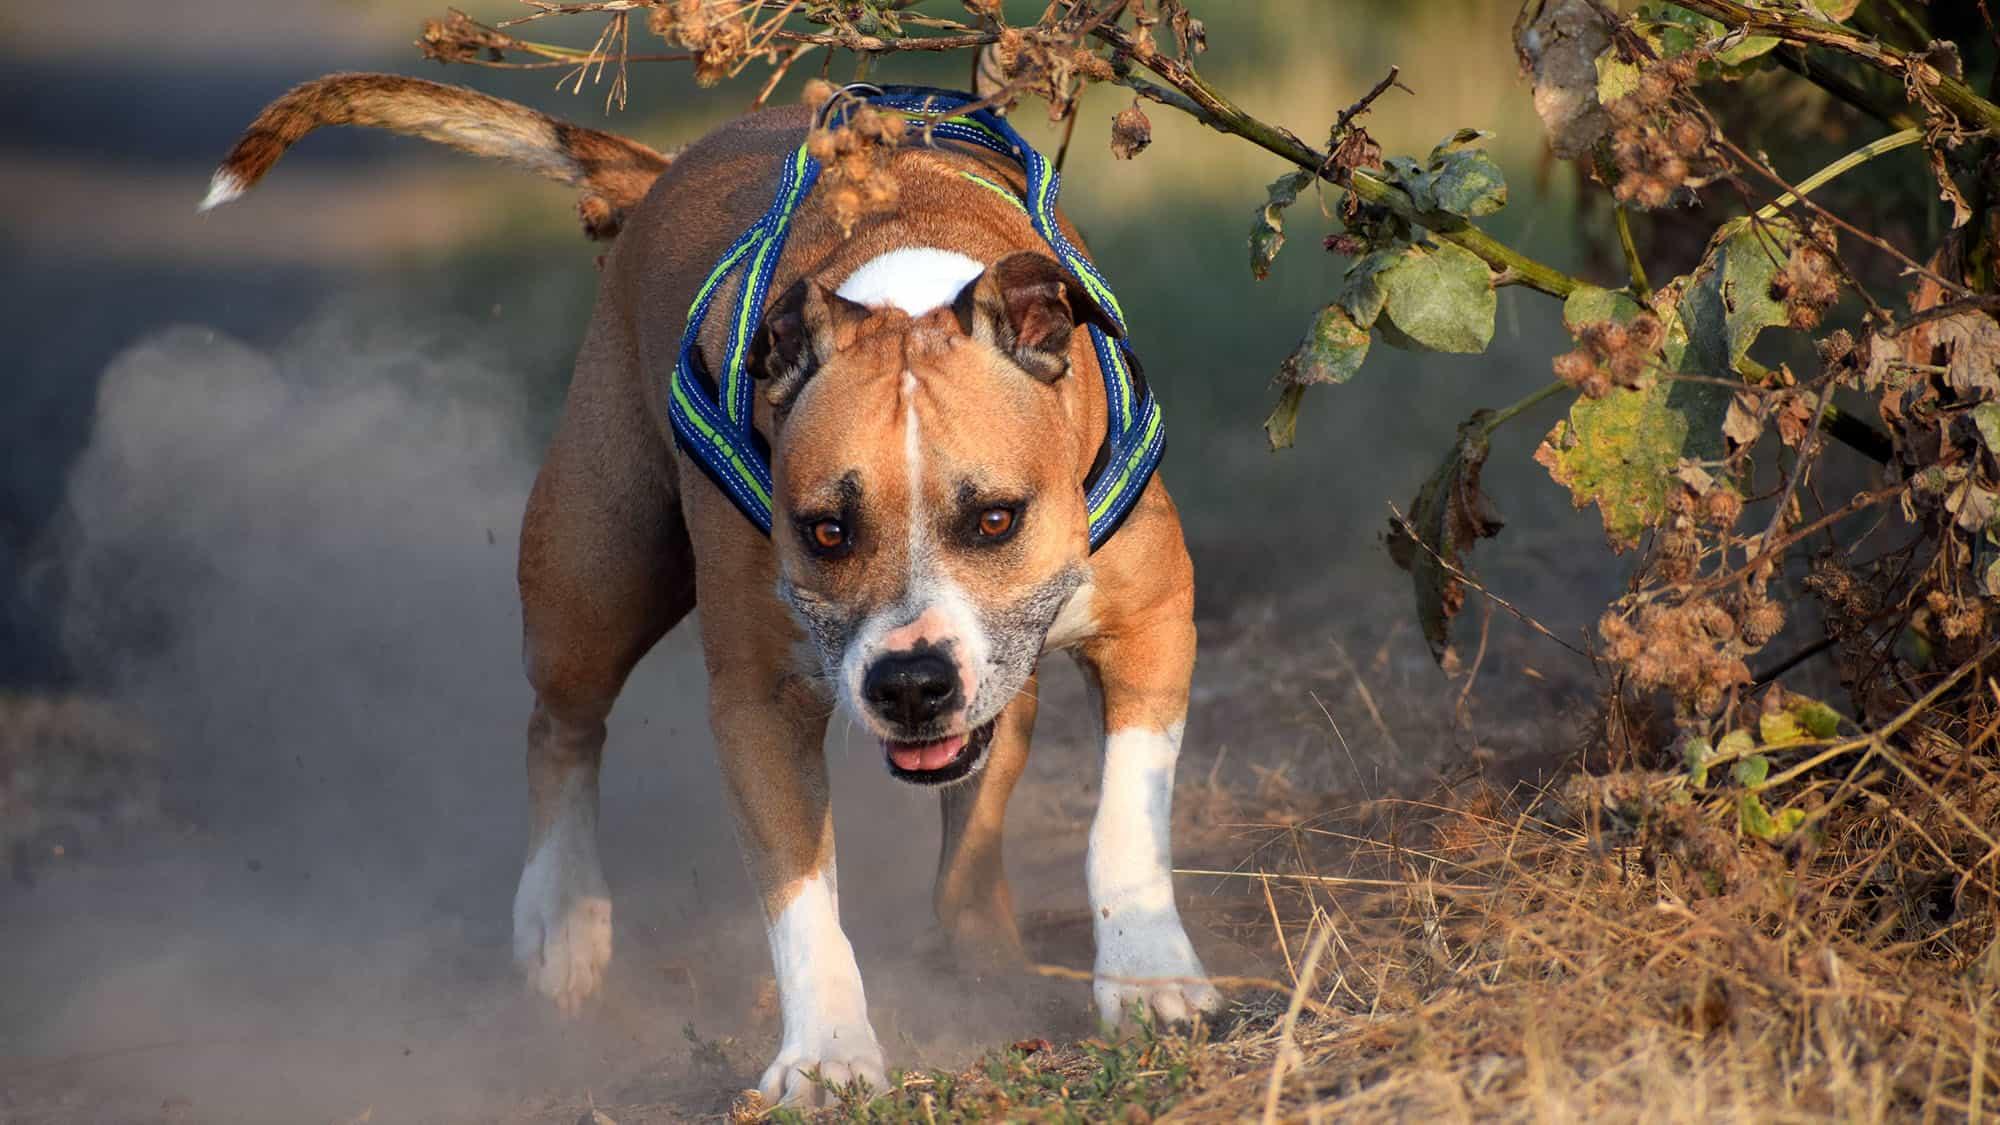 CyberPet - American Pit Bull Terrier